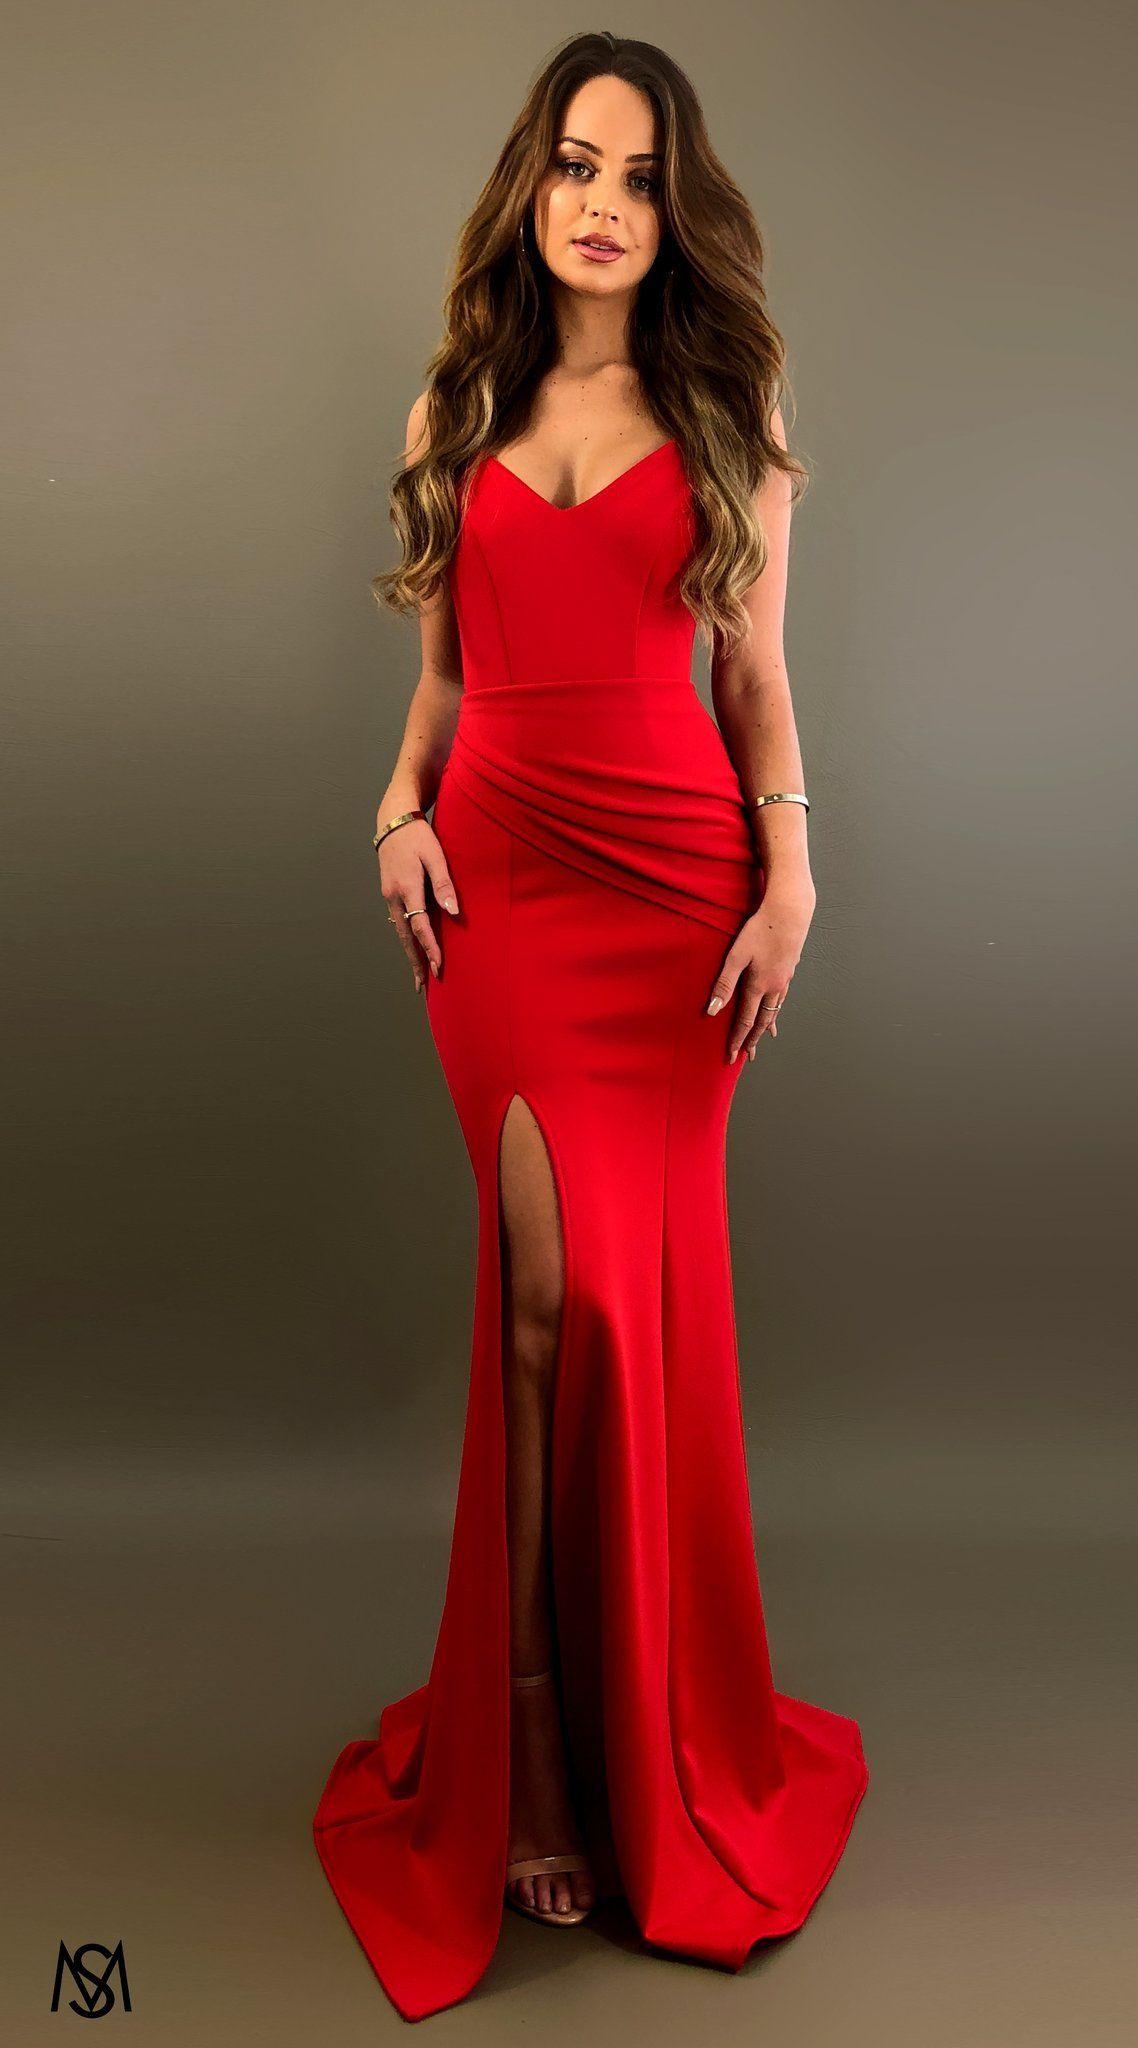 de2642ed2f2 Red IV - Formal Prom Dress by STUDIO MINC